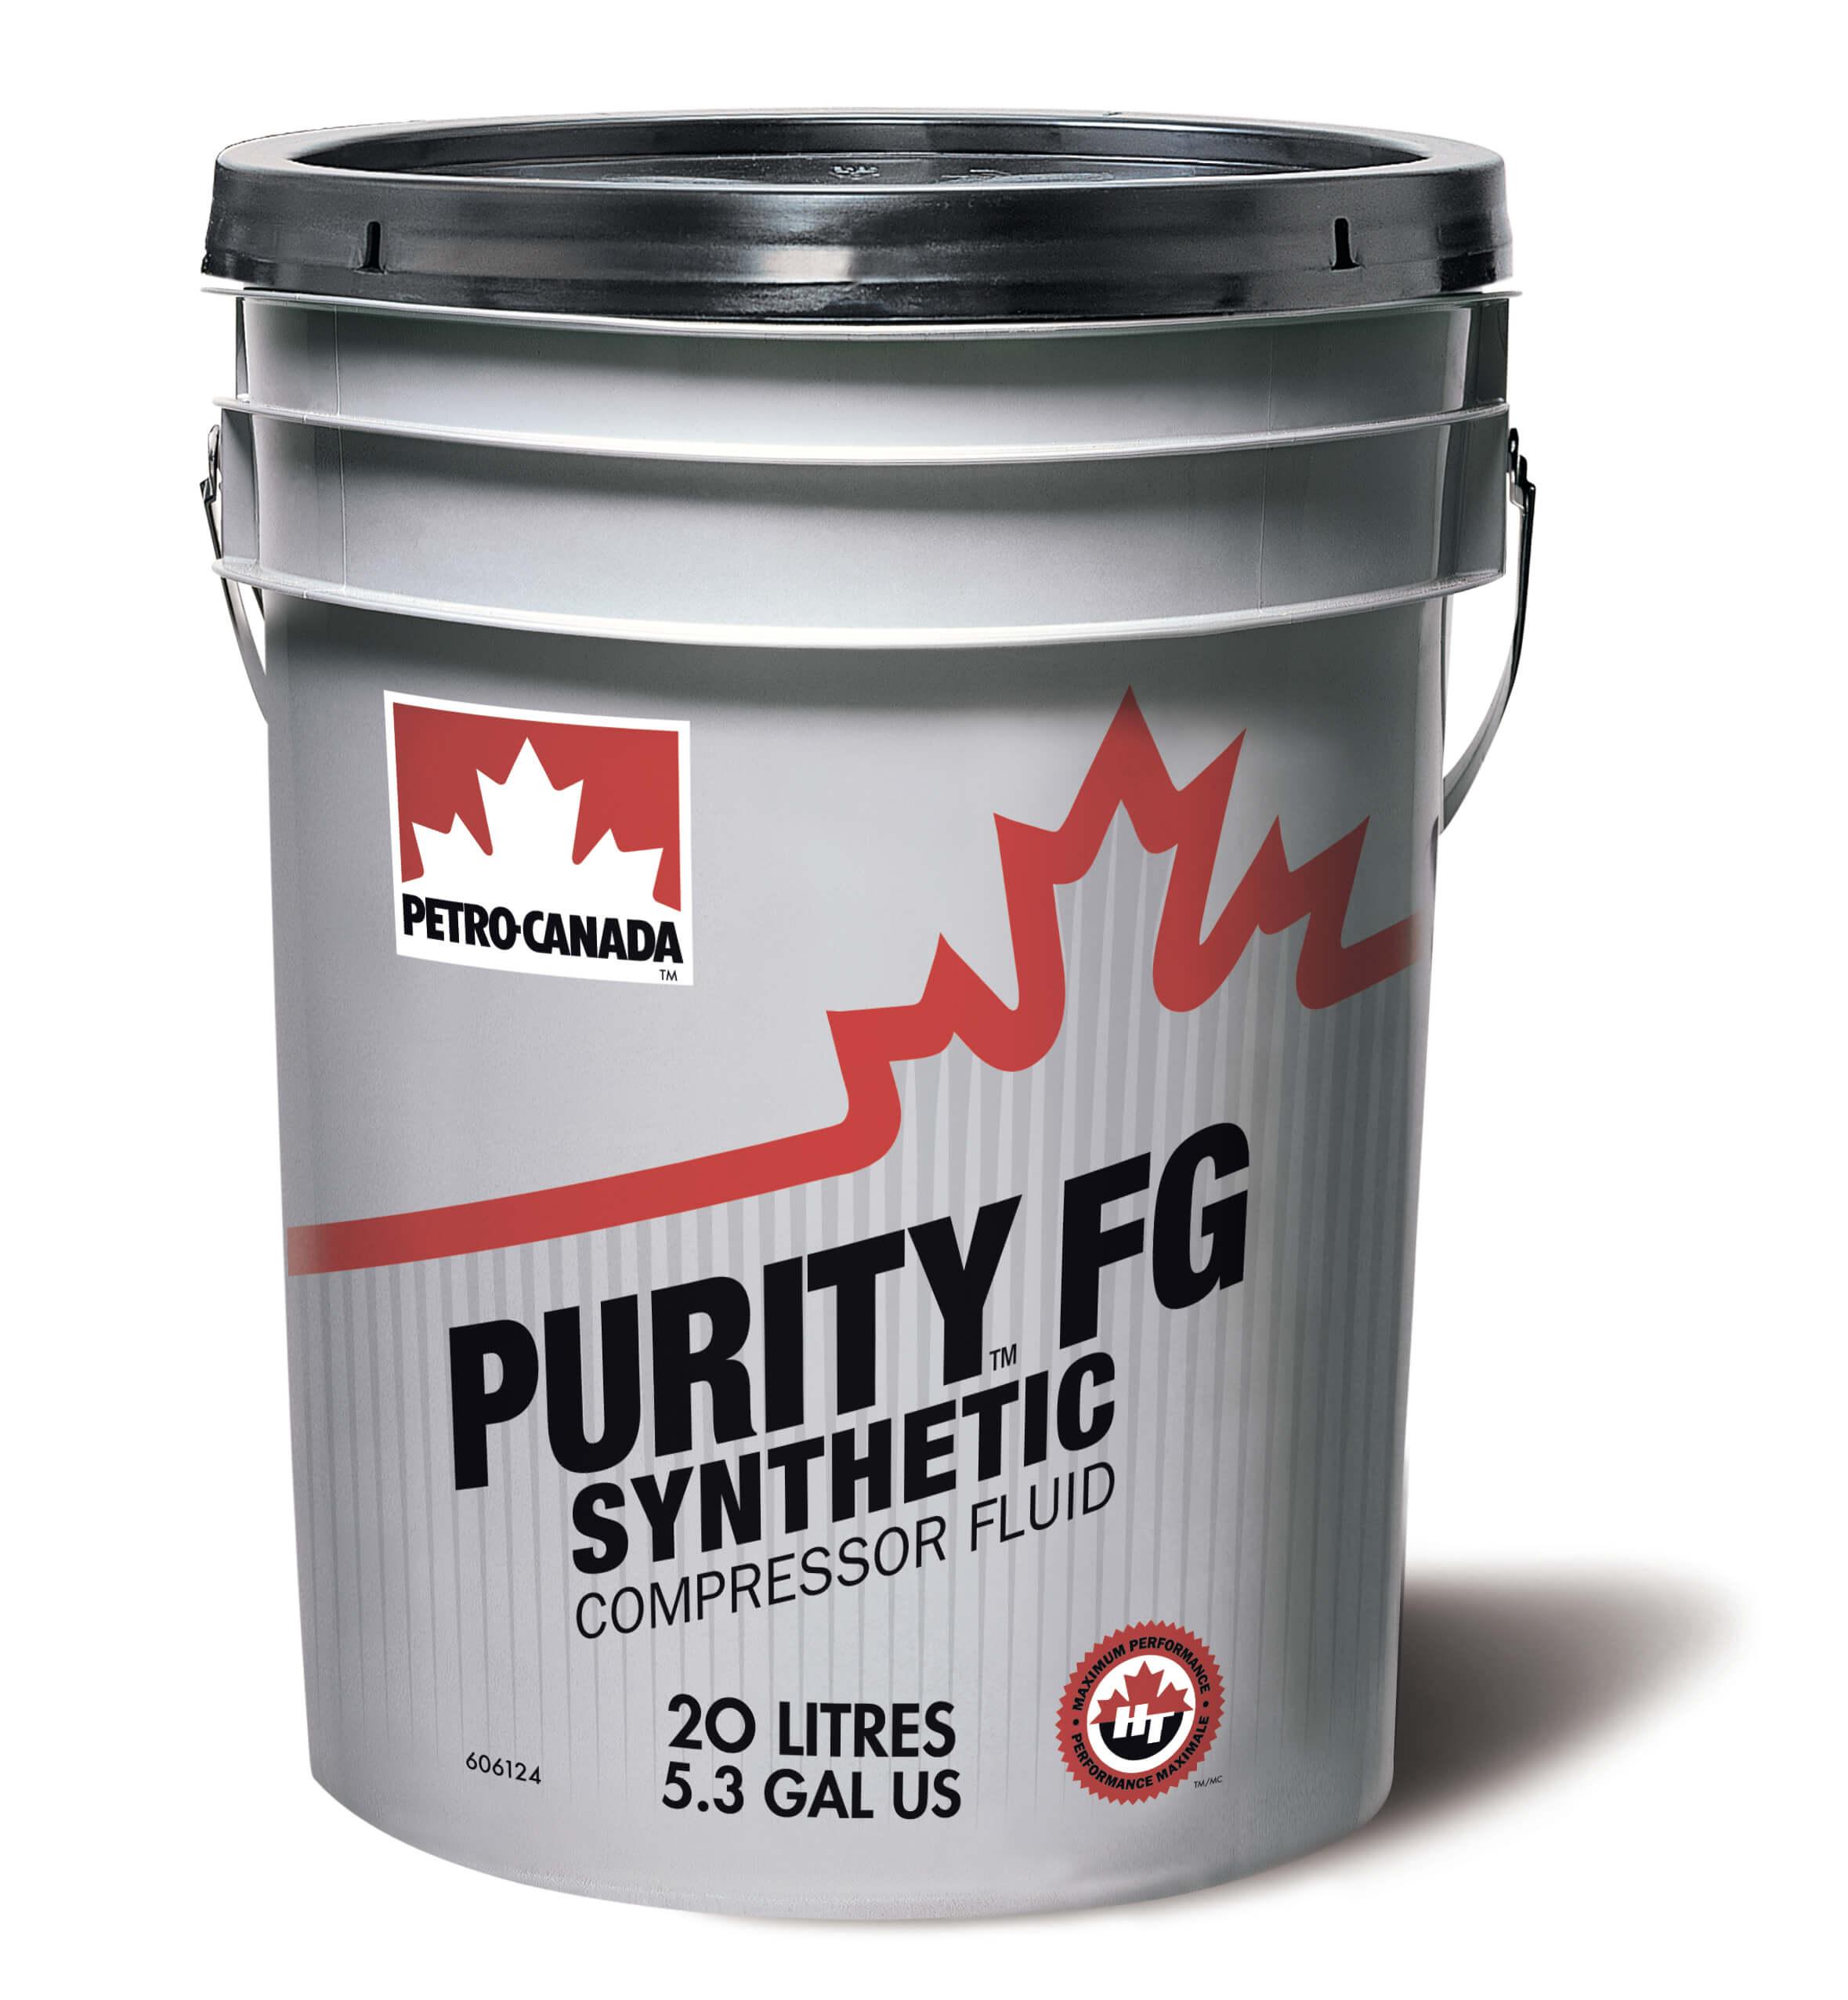 Petro Canada Purity FG Compressor Fluid 68